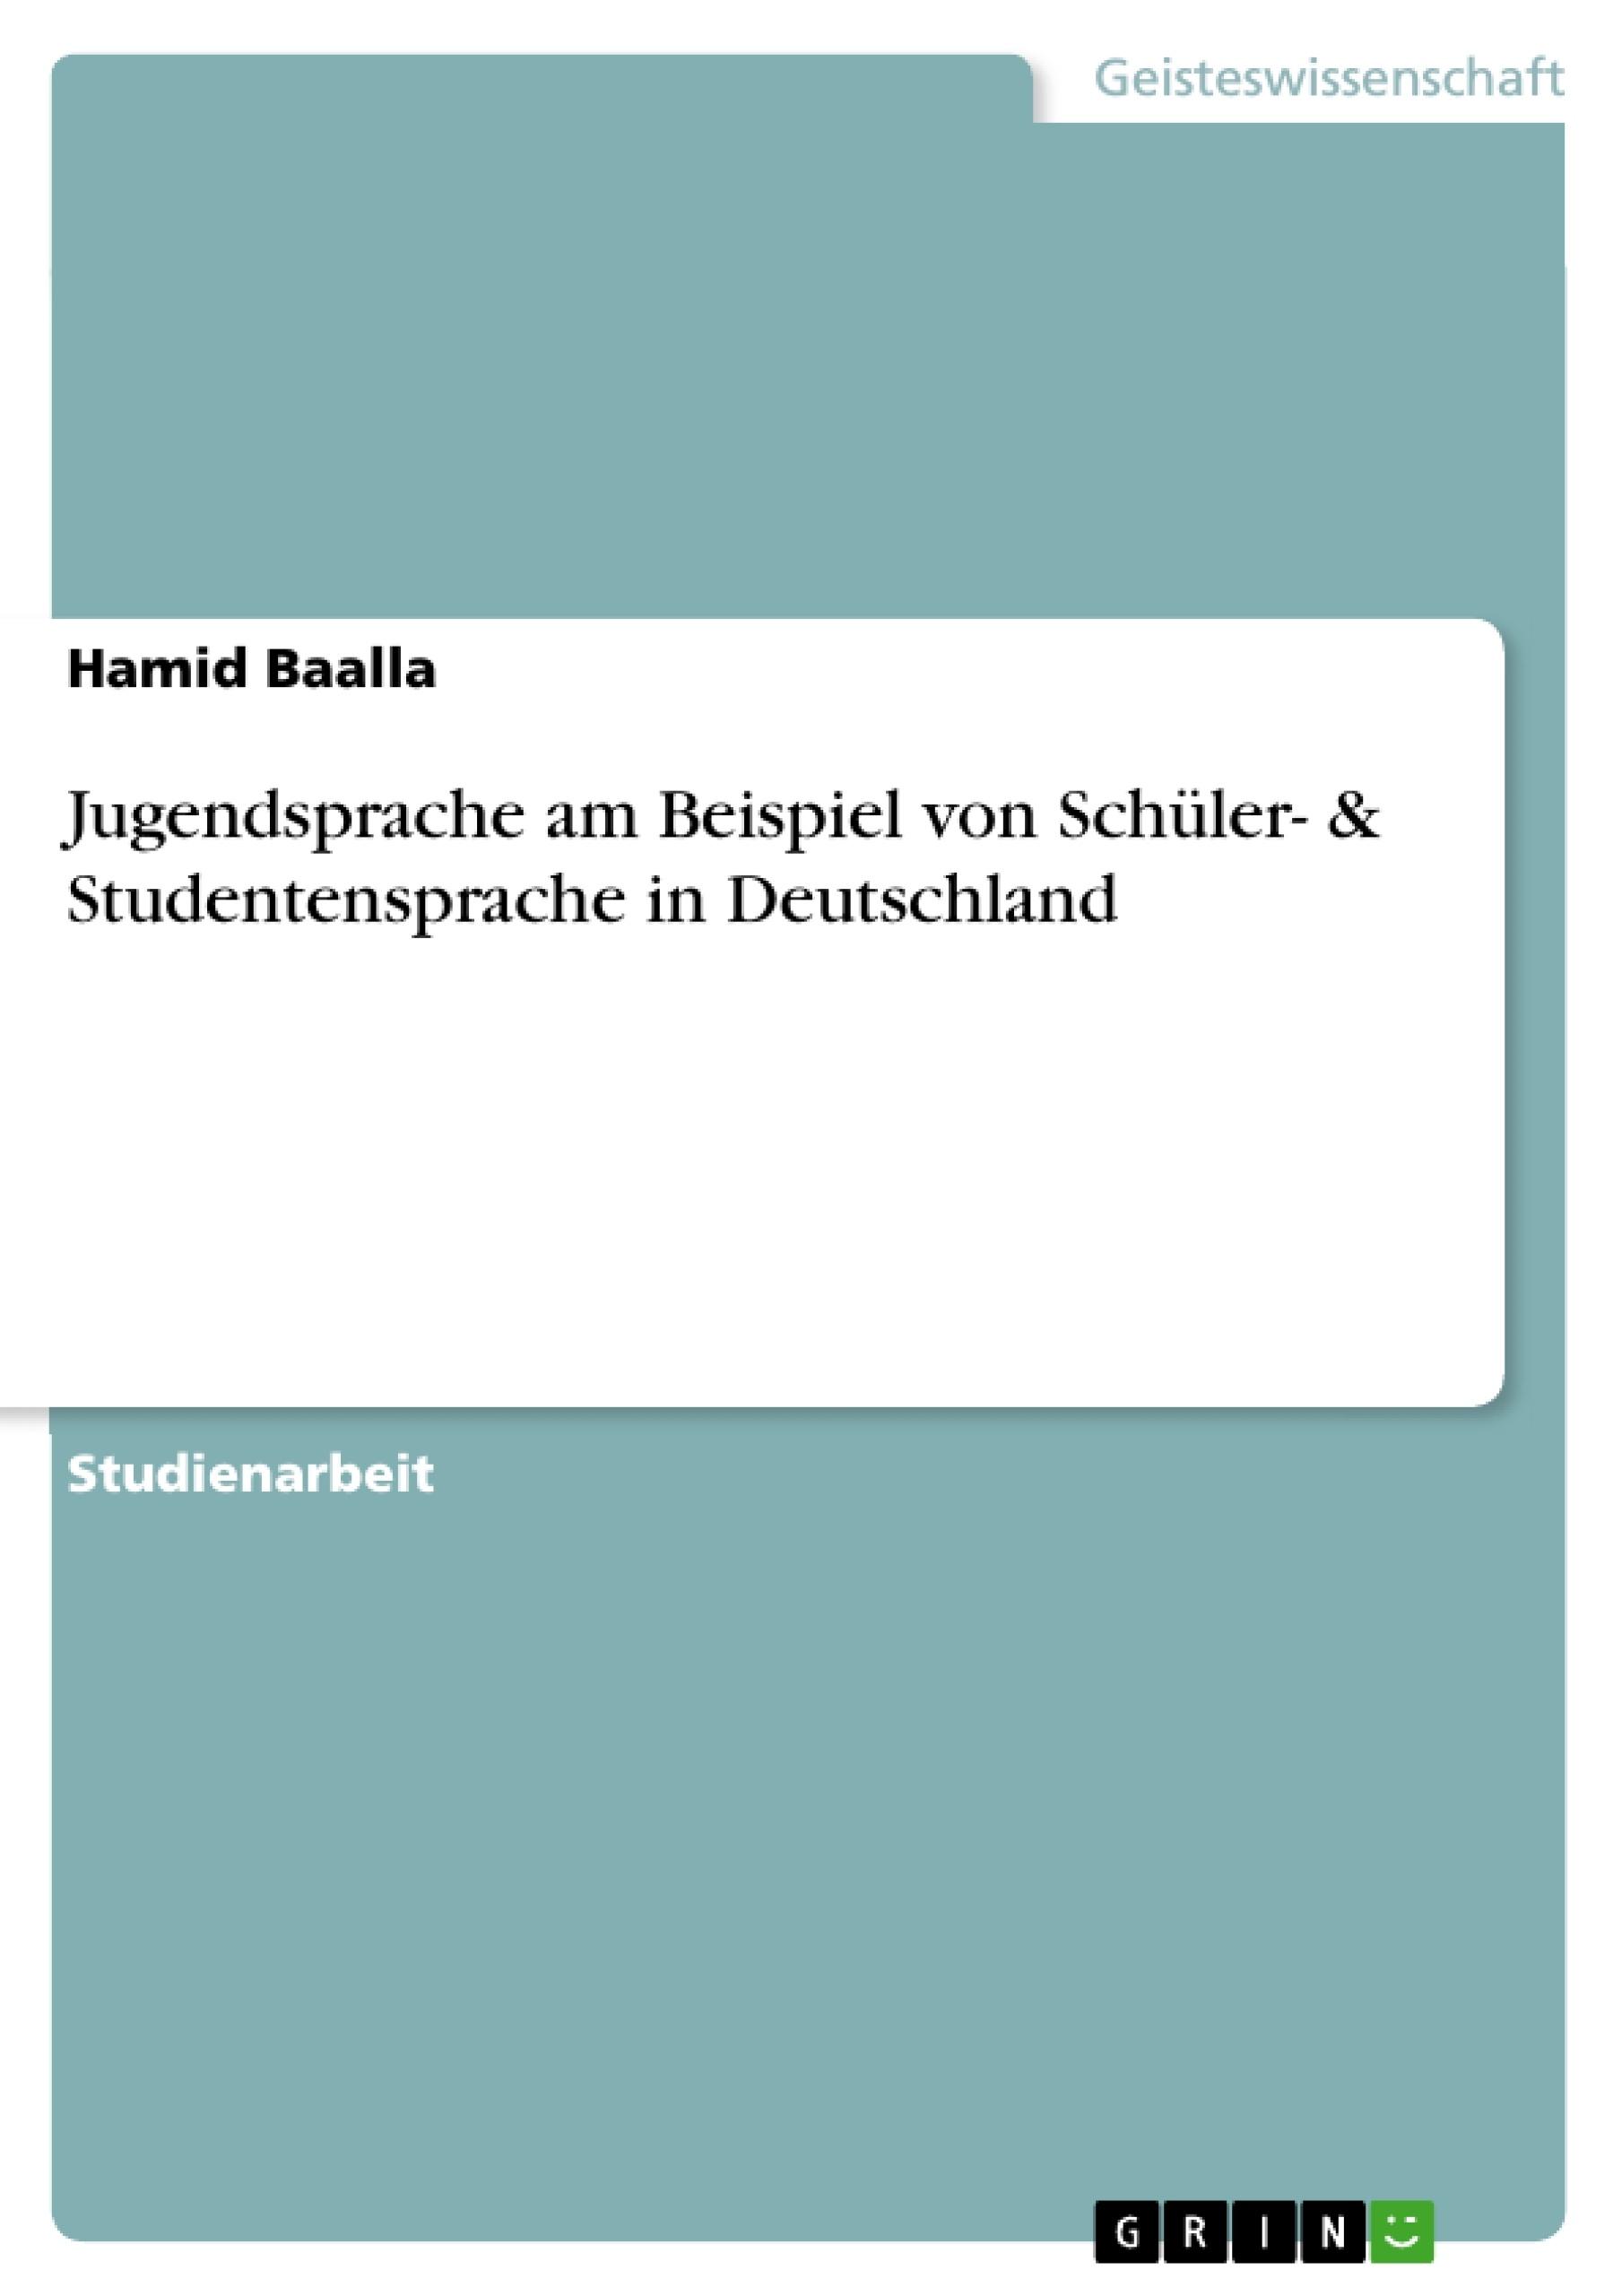 Titel: Jugendsprache am Beispiel von Schüler- & Studentensprache in Deutschland